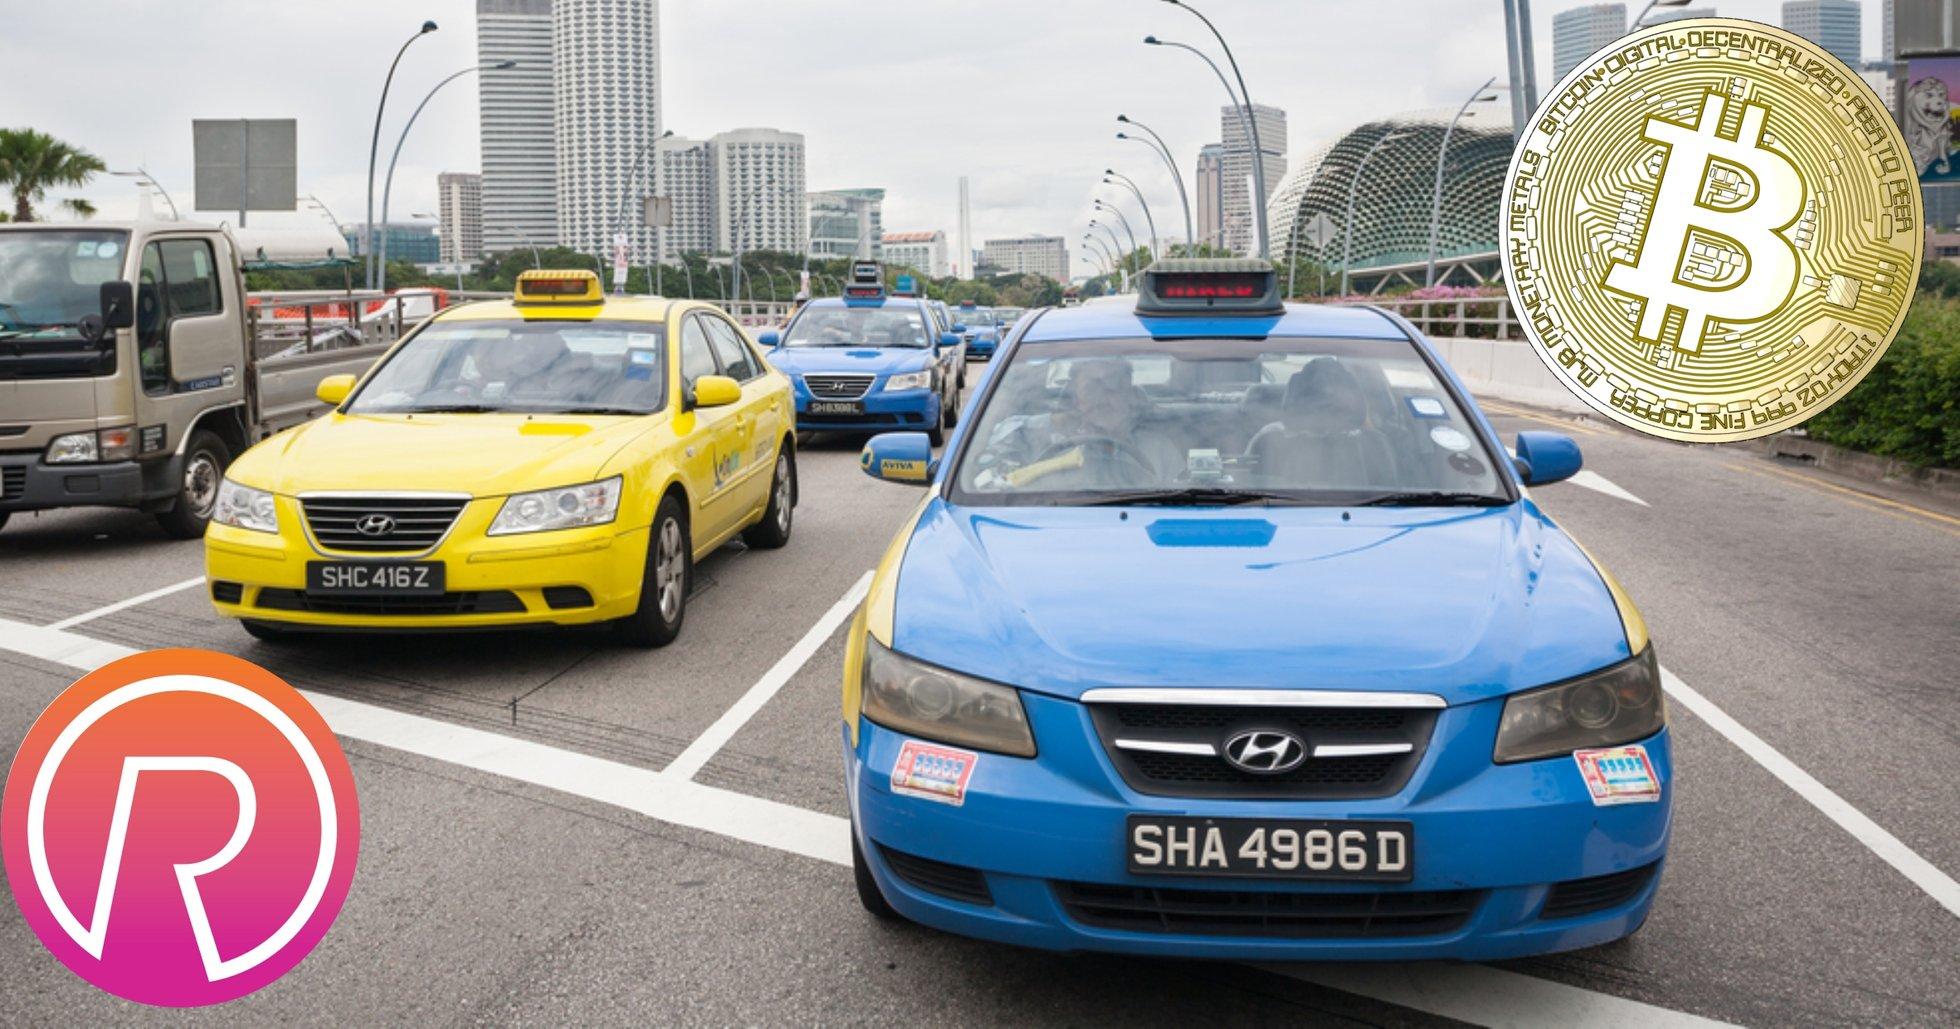 Taxibolag i Singapore låter sina kunder betala för resor med bitcoin